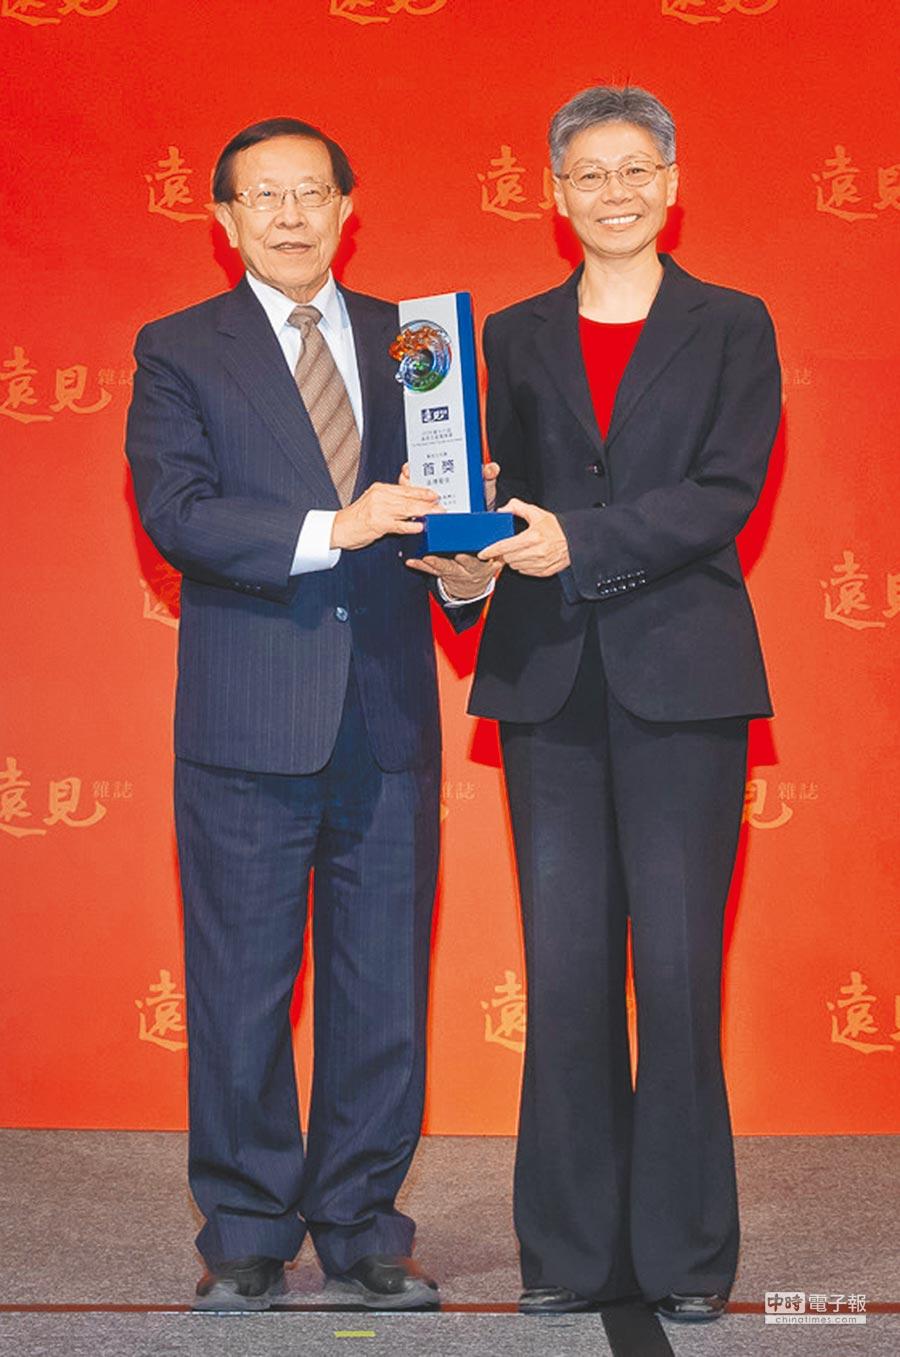 遠傳電信榮獲「遠見五星服務獎 電信公司類首獎」,總經理李彬(右)出席領獎。(遠傳提供)